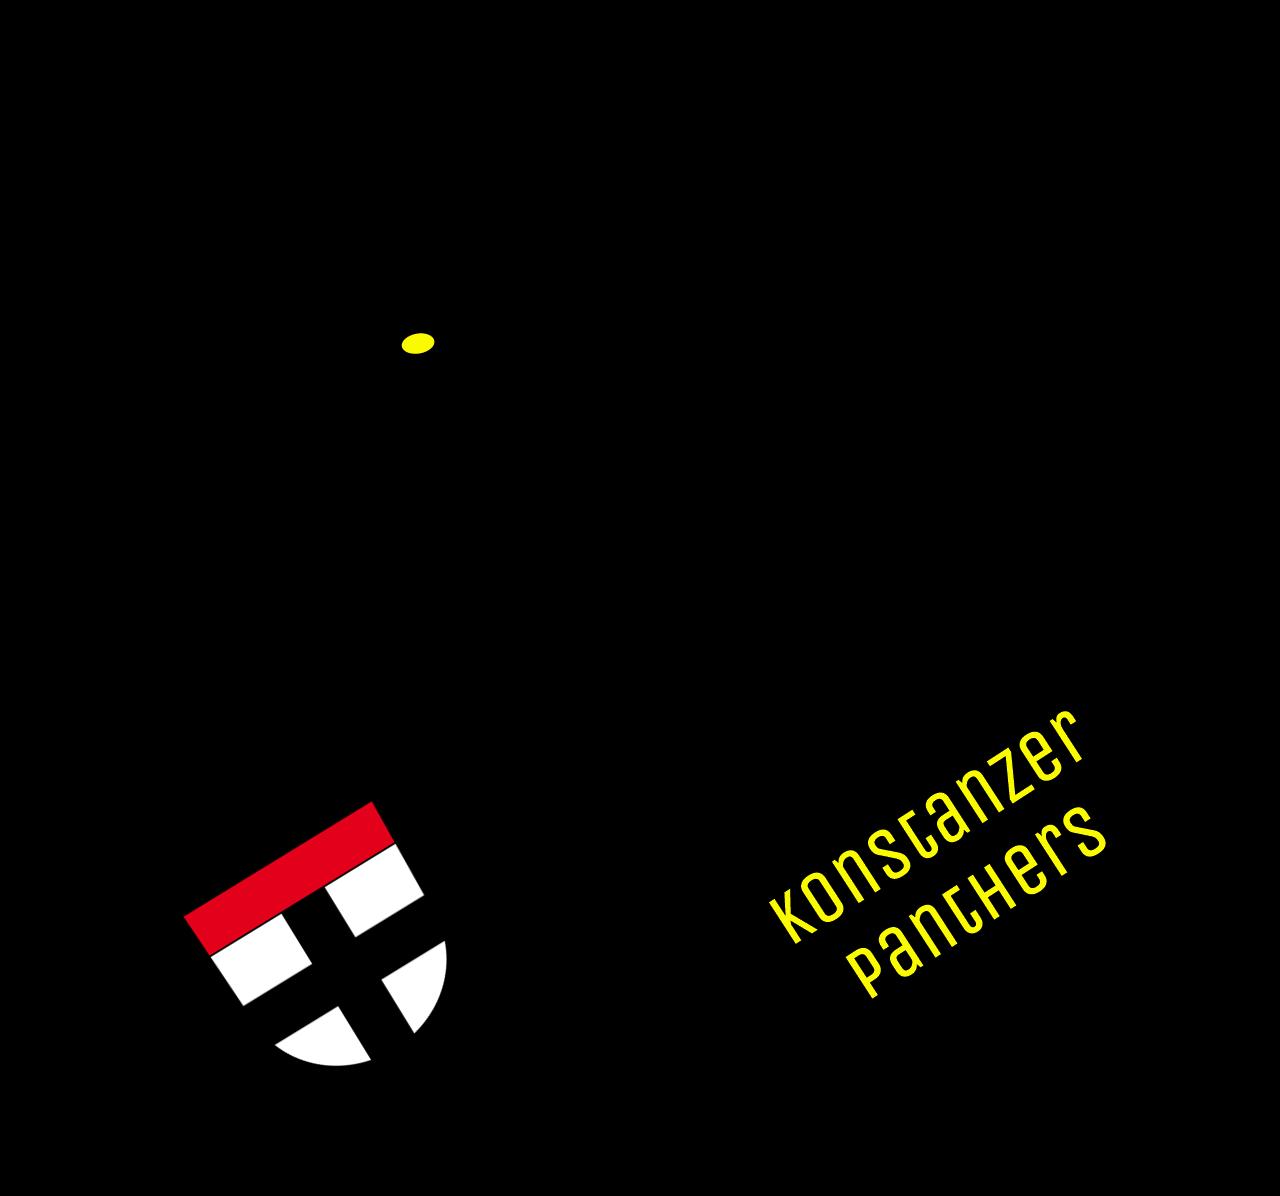 Konstanzer Panthers